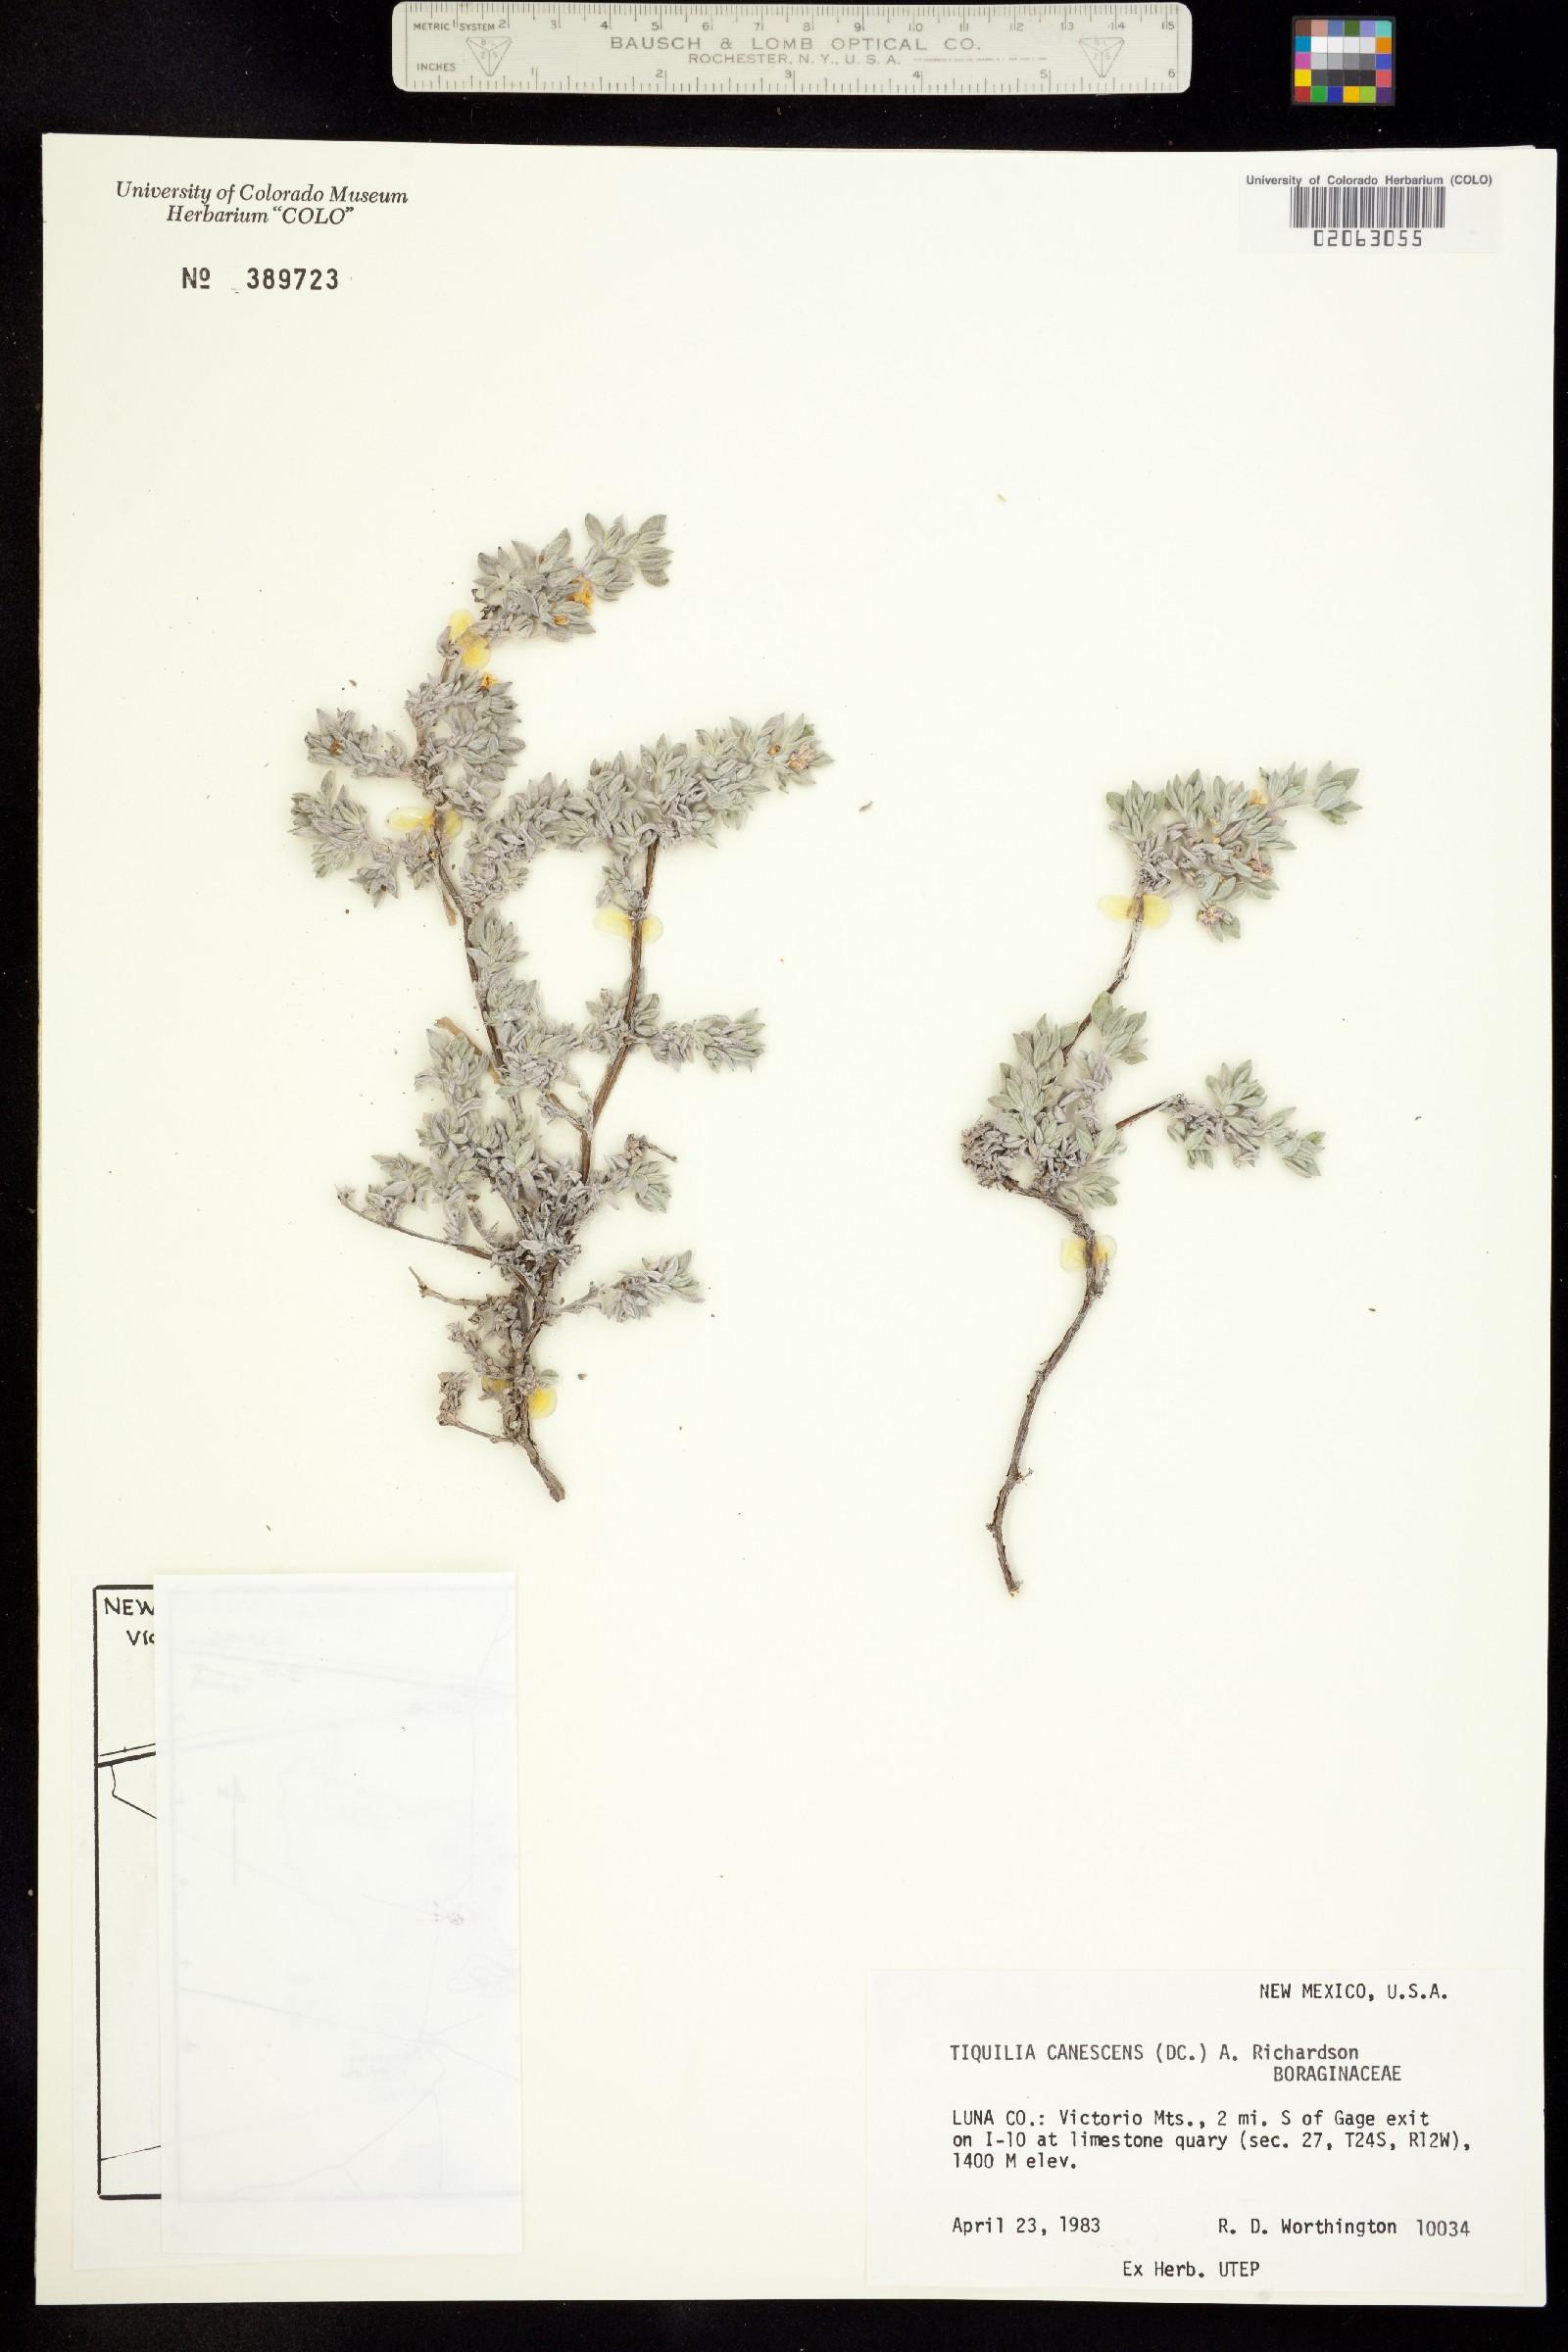 Ehretiaceae image